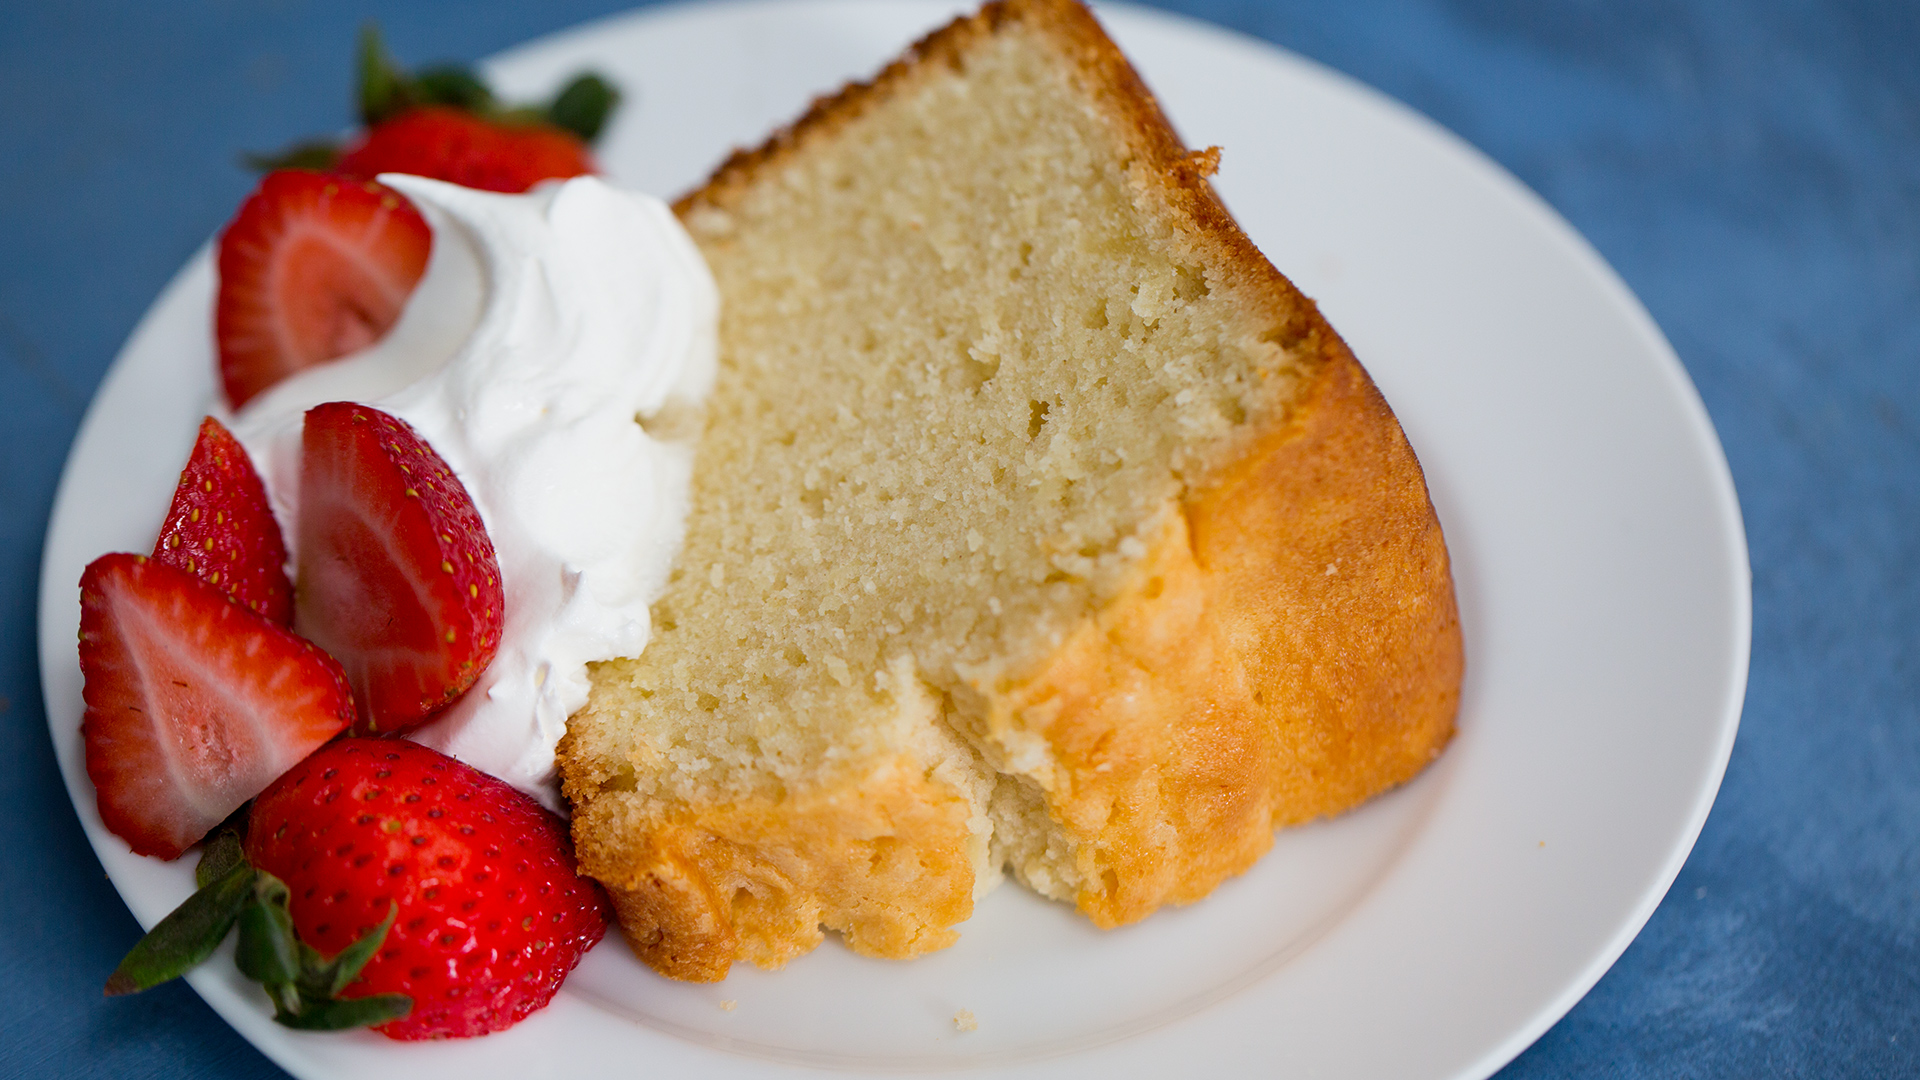 2-step-pound-cake-16x9-Frame.jpg